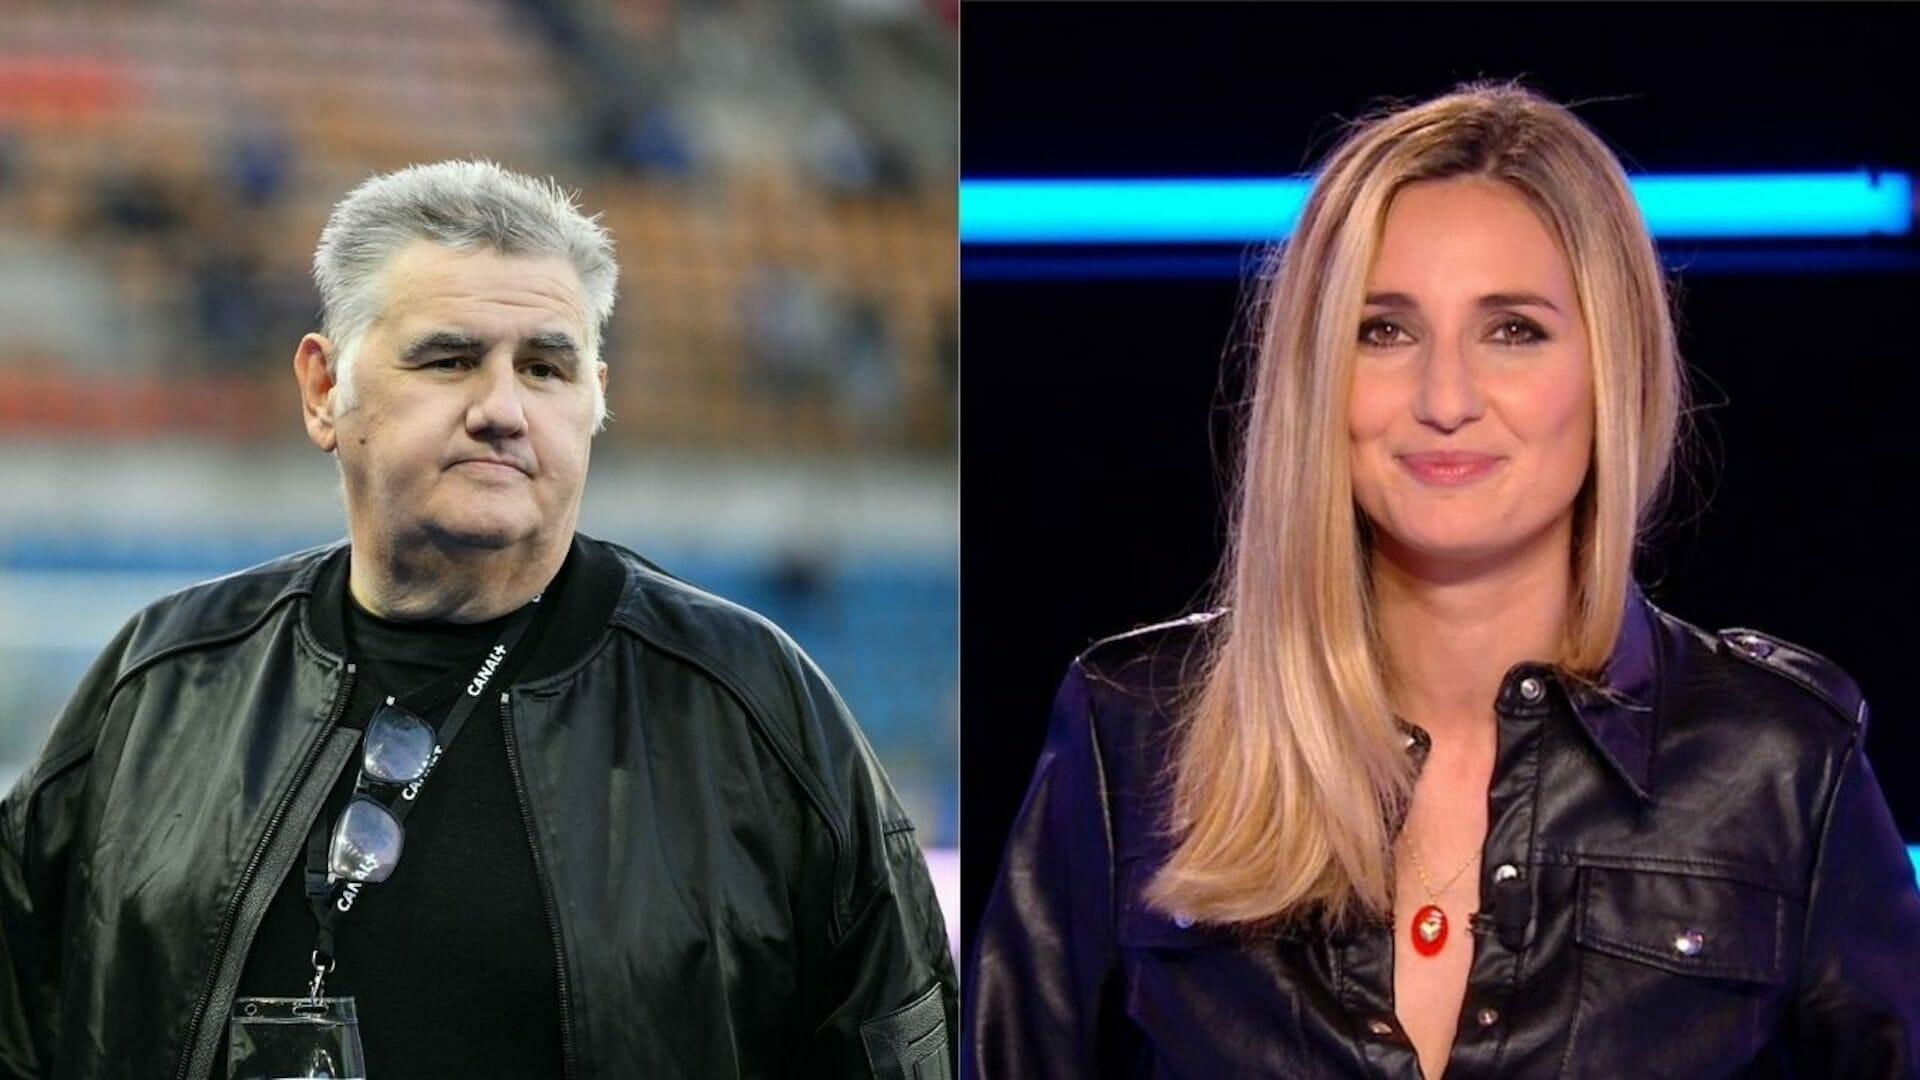 Les phrases sexistes entendues dans le monde du sport